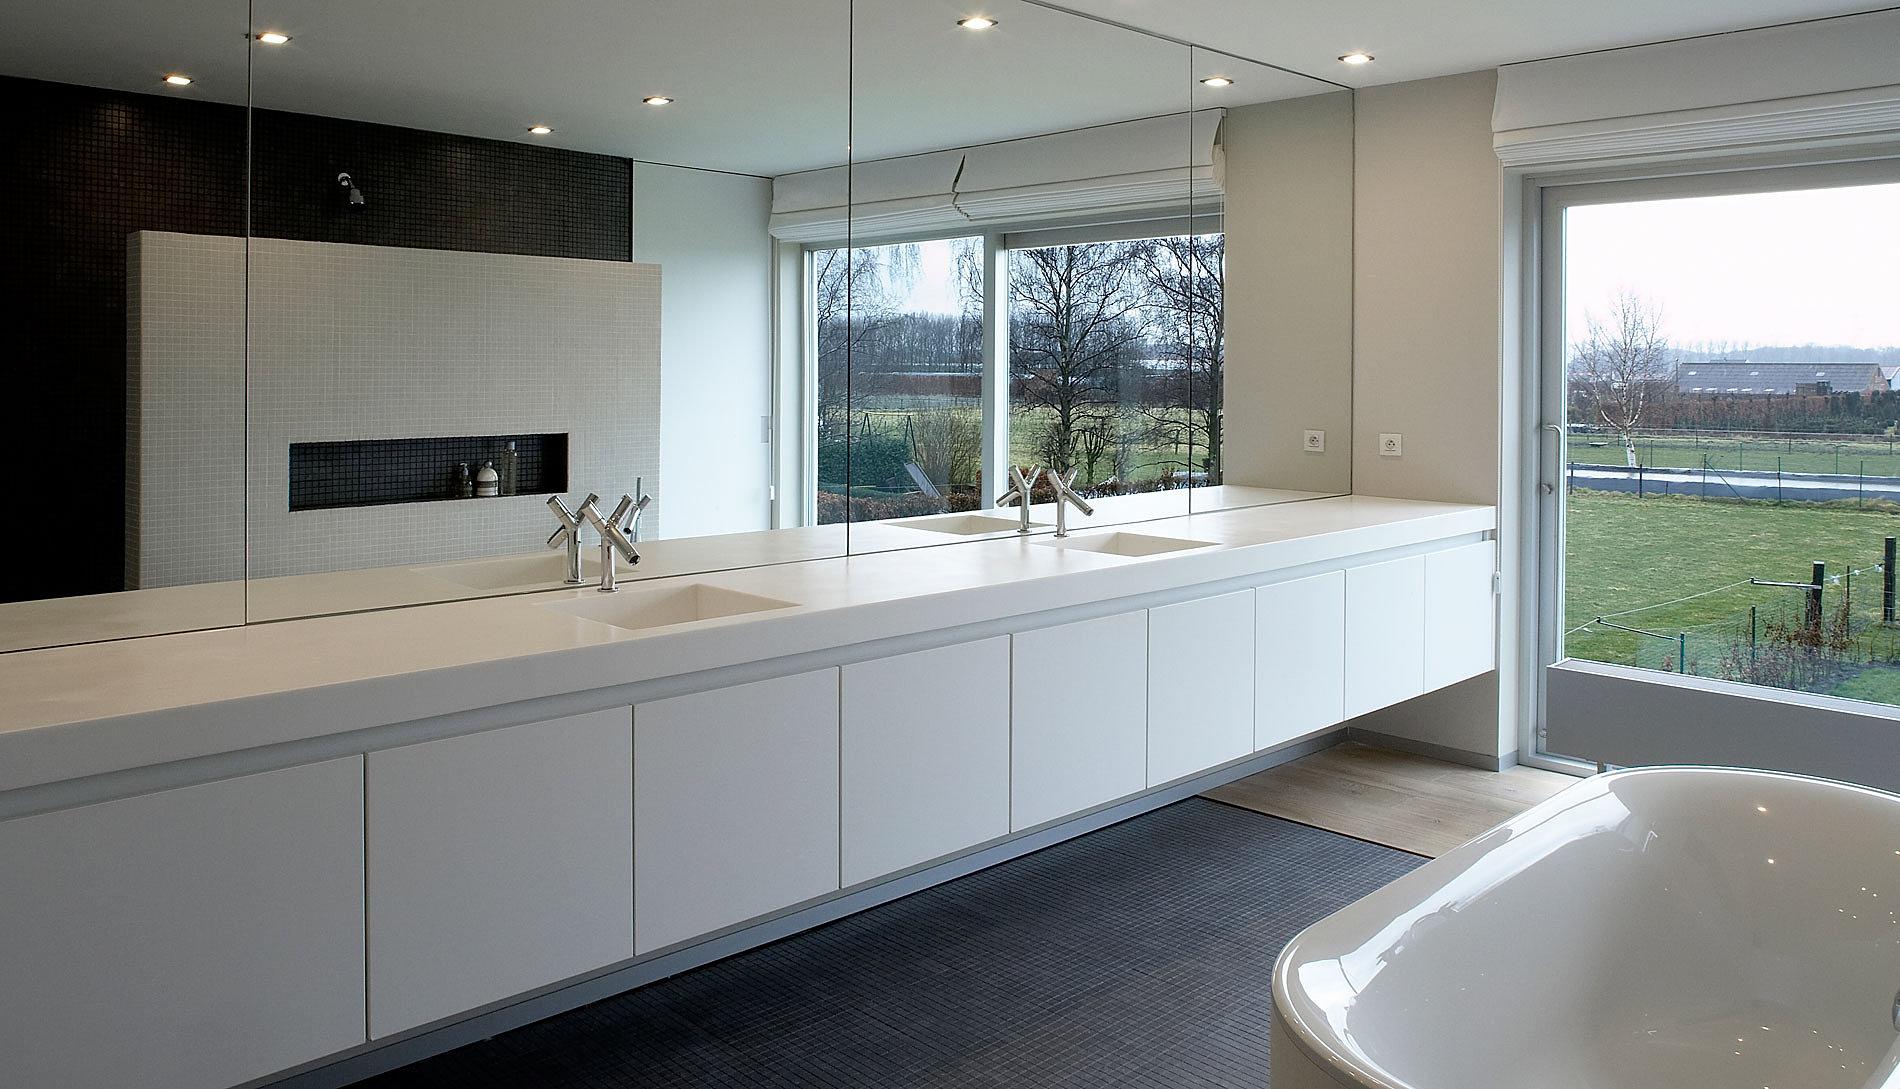 Keukens badkamers en interieur mp buyl gent en omgeving keukens mp buyl - Outs badkamer m ...